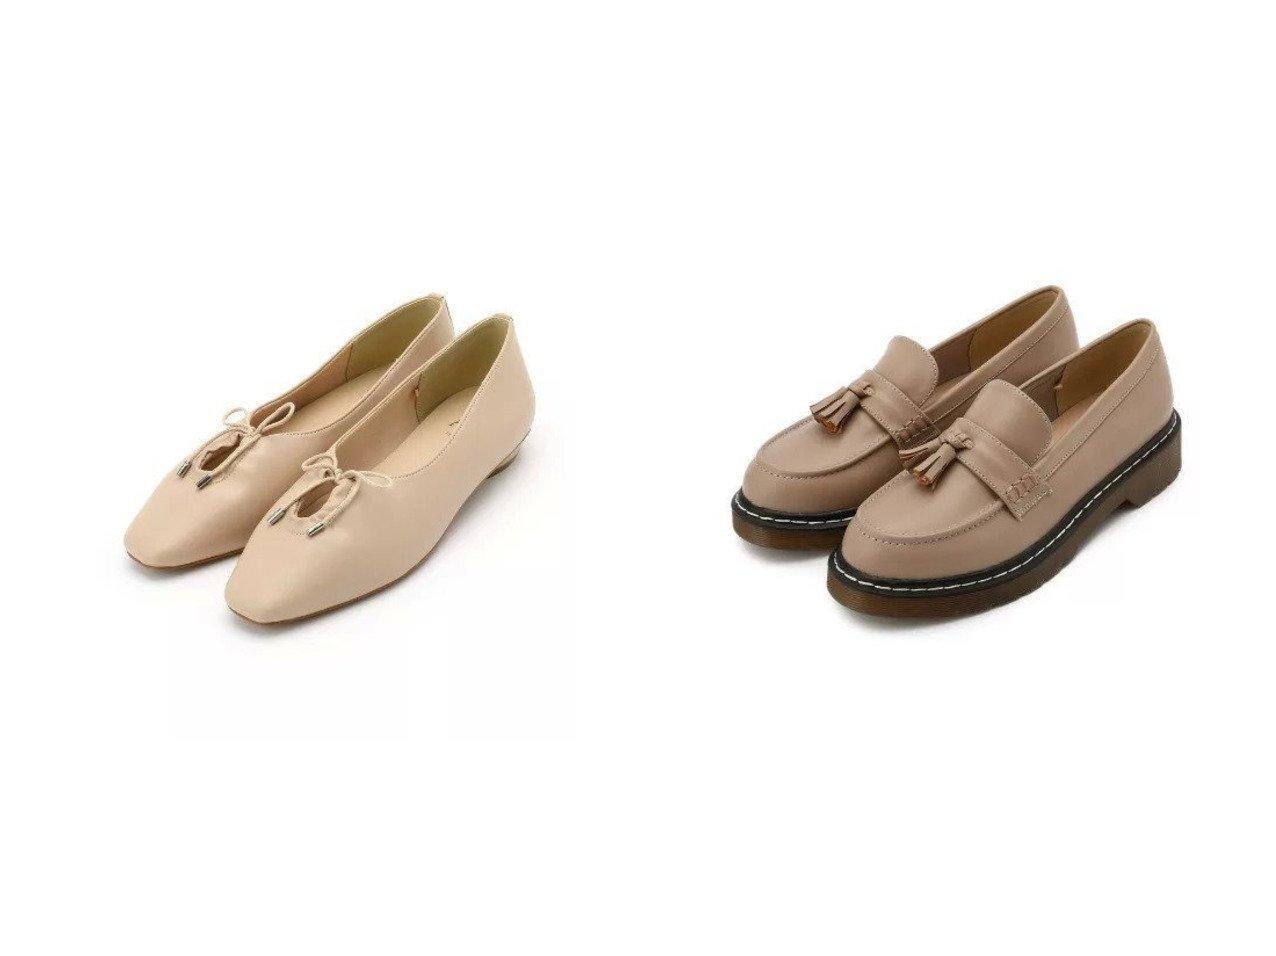 【AG by aquagirl/エージー バイ アクアガール】のスクエアギャザーリボンフラットシューズ&厚底タッセルローファー シューズ・靴のおすすめ!人気、トレンド・レディースファッションの通販 おすすめで人気の流行・トレンド、ファッションの通販商品 メンズファッション・キッズファッション・インテリア・家具・レディースファッション・服の通販 founy(ファニー) https://founy.com/ ファッション Fashion レディースファッション WOMEN インソール クッション シューズ ソックス タイツ トレンド フェミニン 厚底 ジャージ スクエア フェイクレザー フラット |ID:crp329100000023356